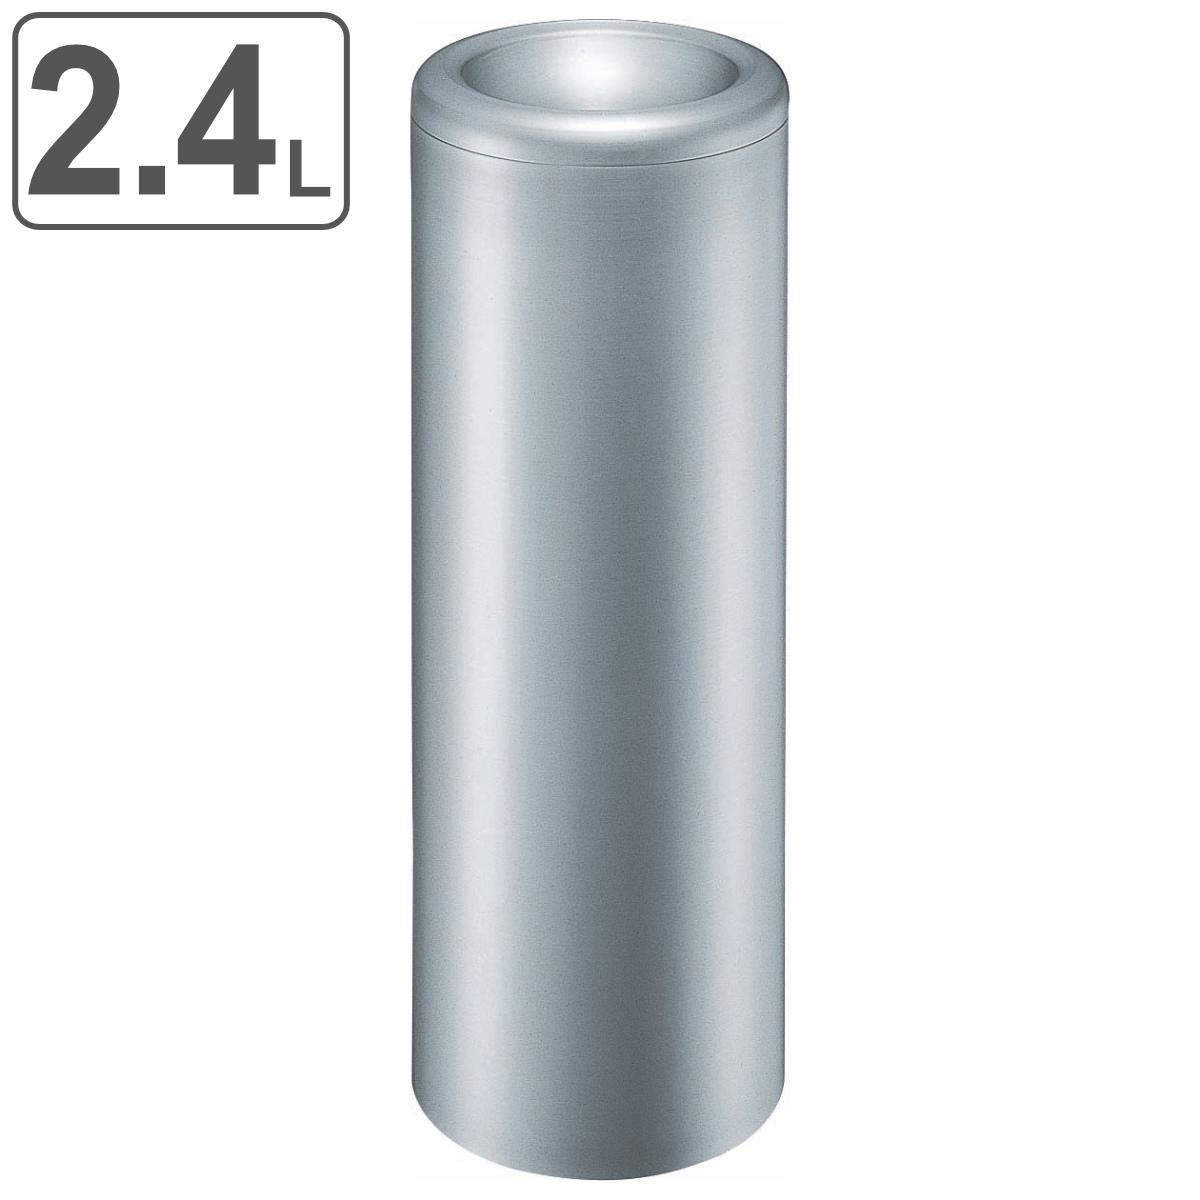 屋内用灰皿 スモーキング MR-220 ステンレスミクロライン ( スタンド灰皿 山崎産業 送料無料 )